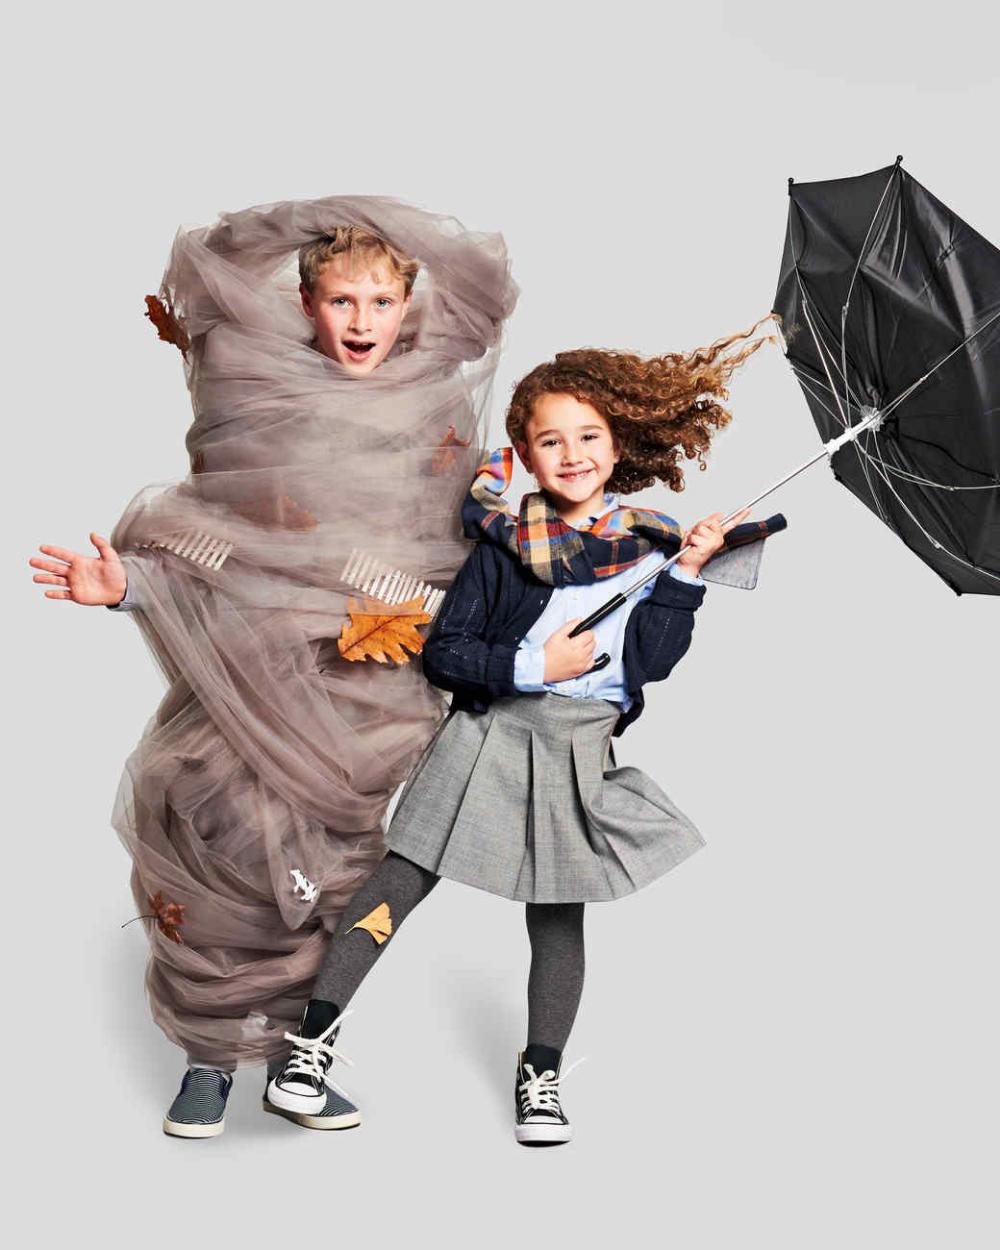 tornado costume - Google Search #deguisementfantomeenfant tornado costume - Google Search #deguisementfantomeenfant